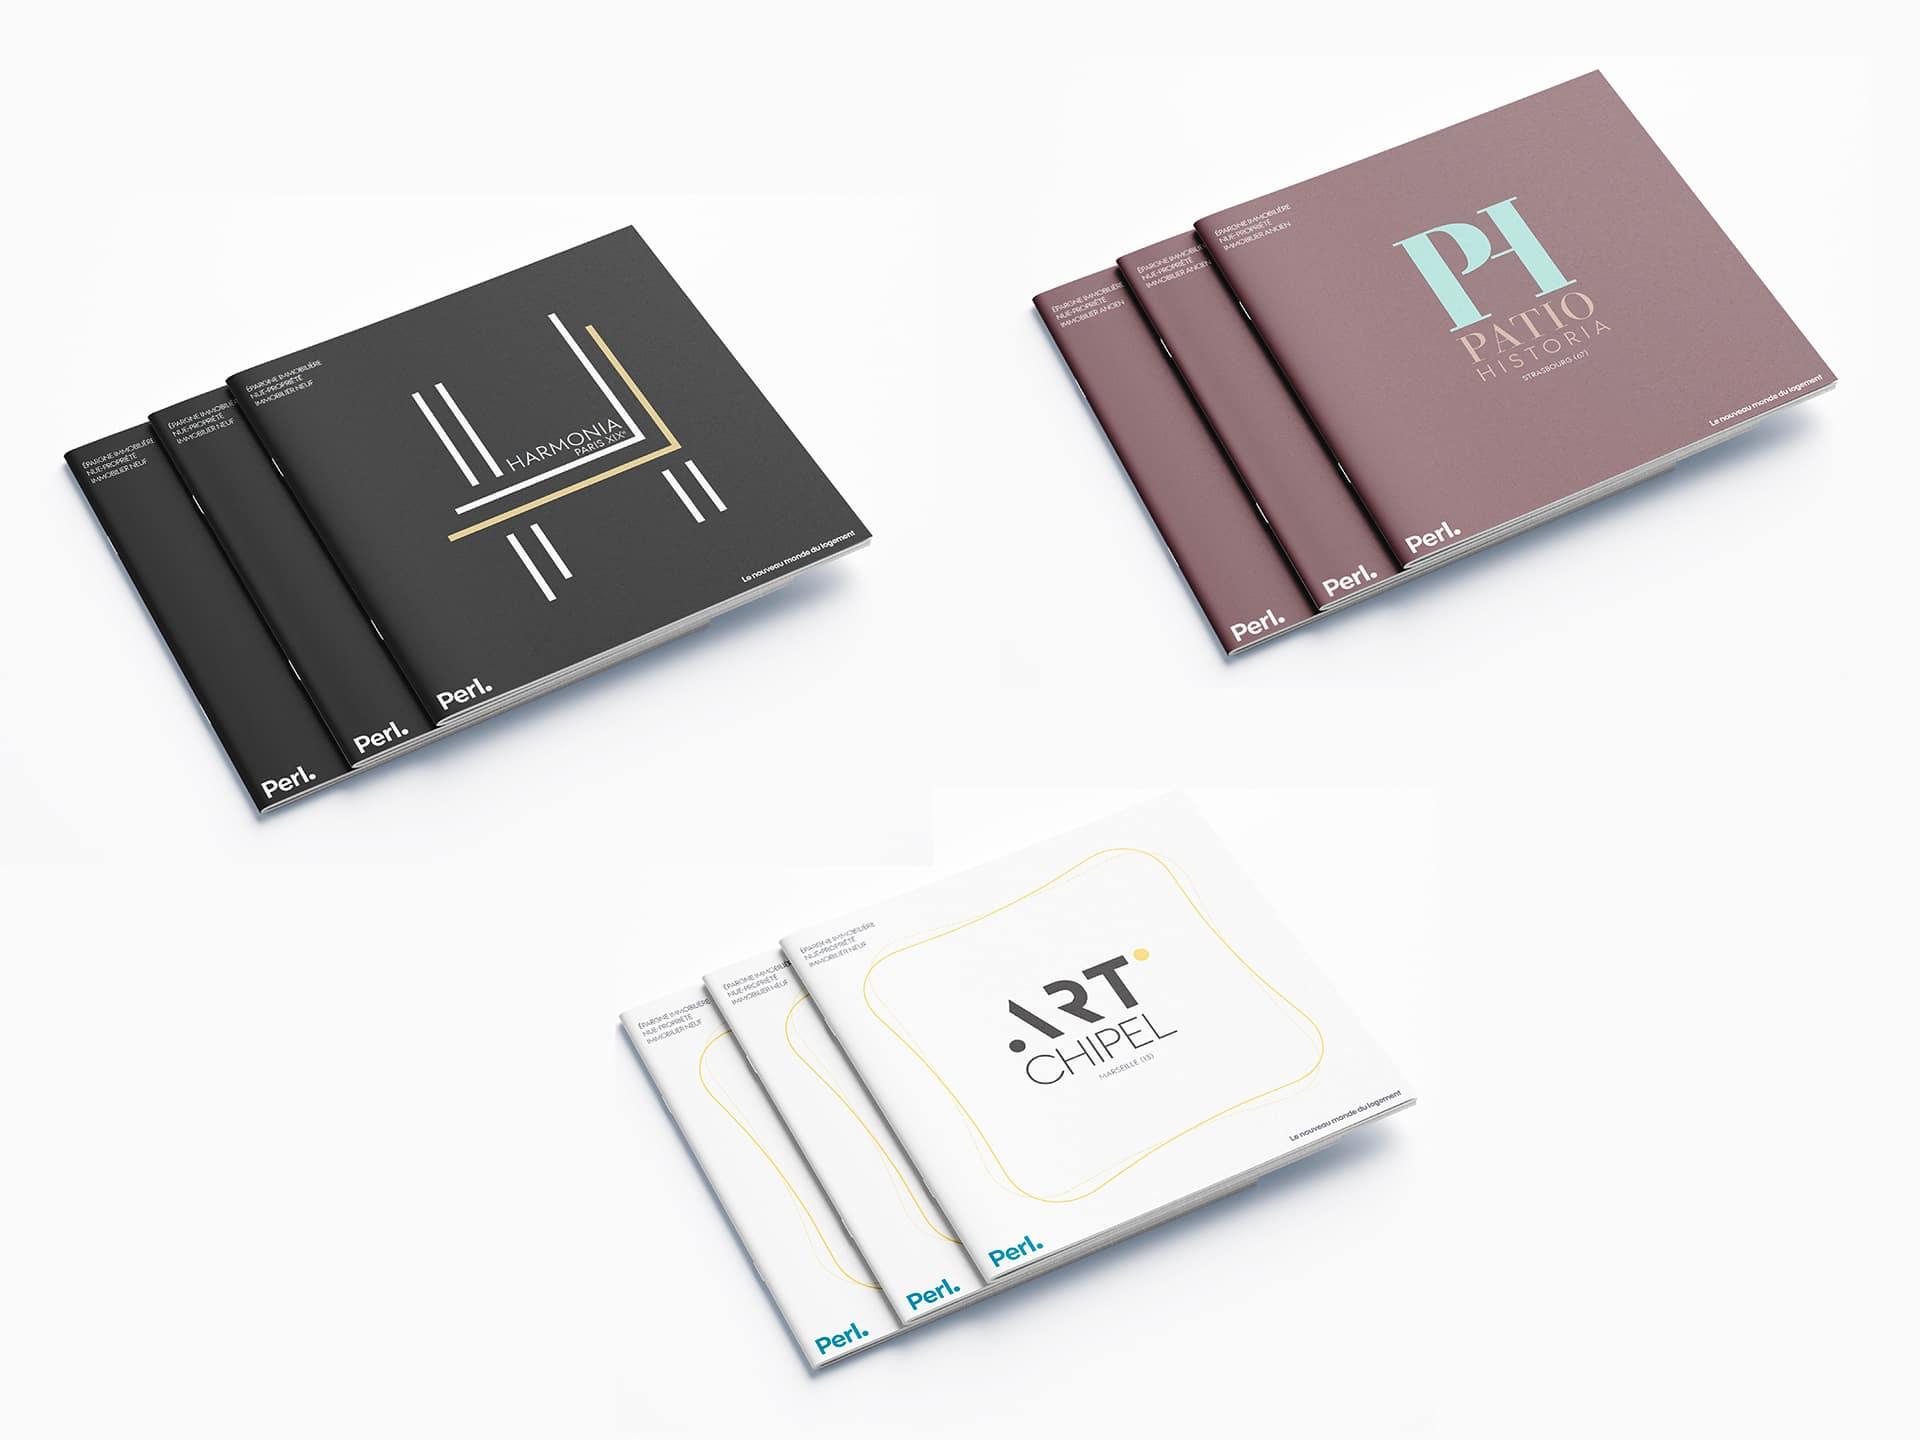 Il y a trois brochures commerciales pour un programme immobilier Perl, réalisées par l'agence de communication print et digitale Siouxe à Paris, pour Perl.